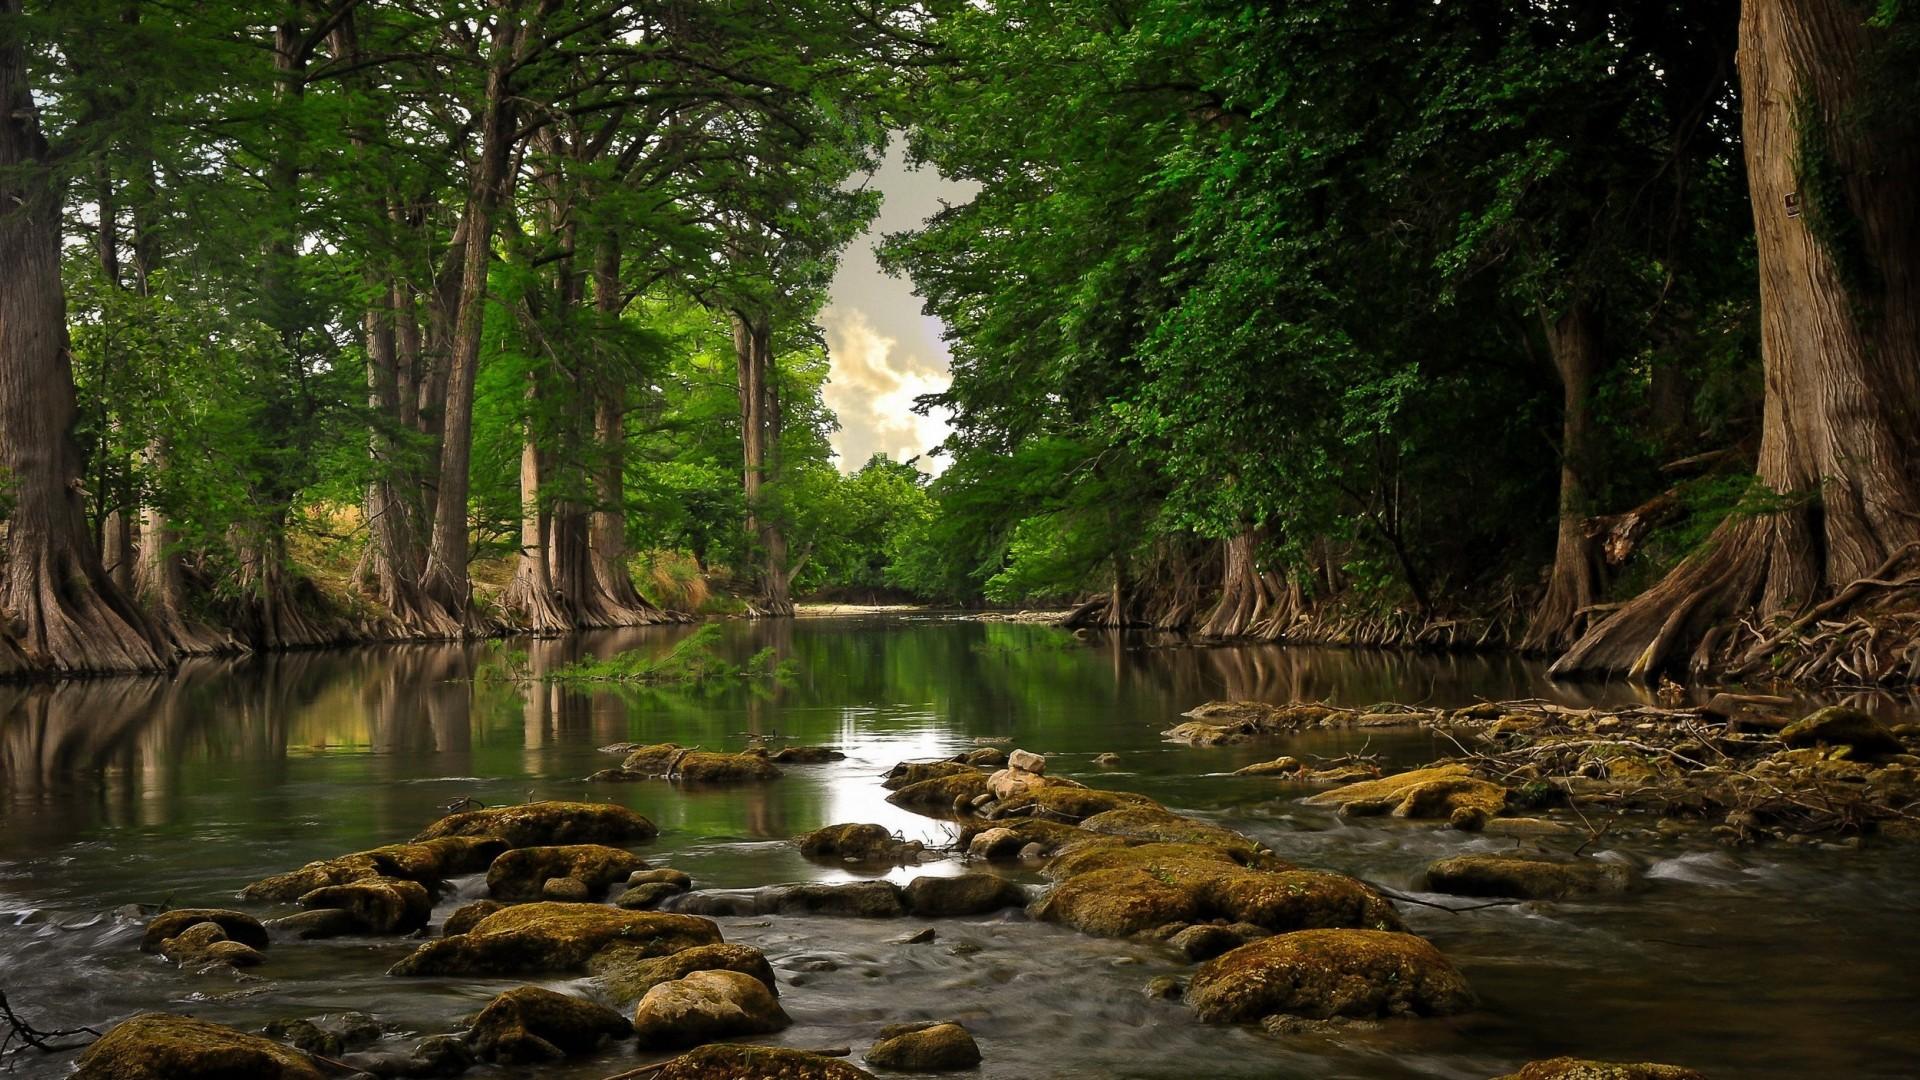 природа вода река трава деревья мох  № 3800879 бесплатно